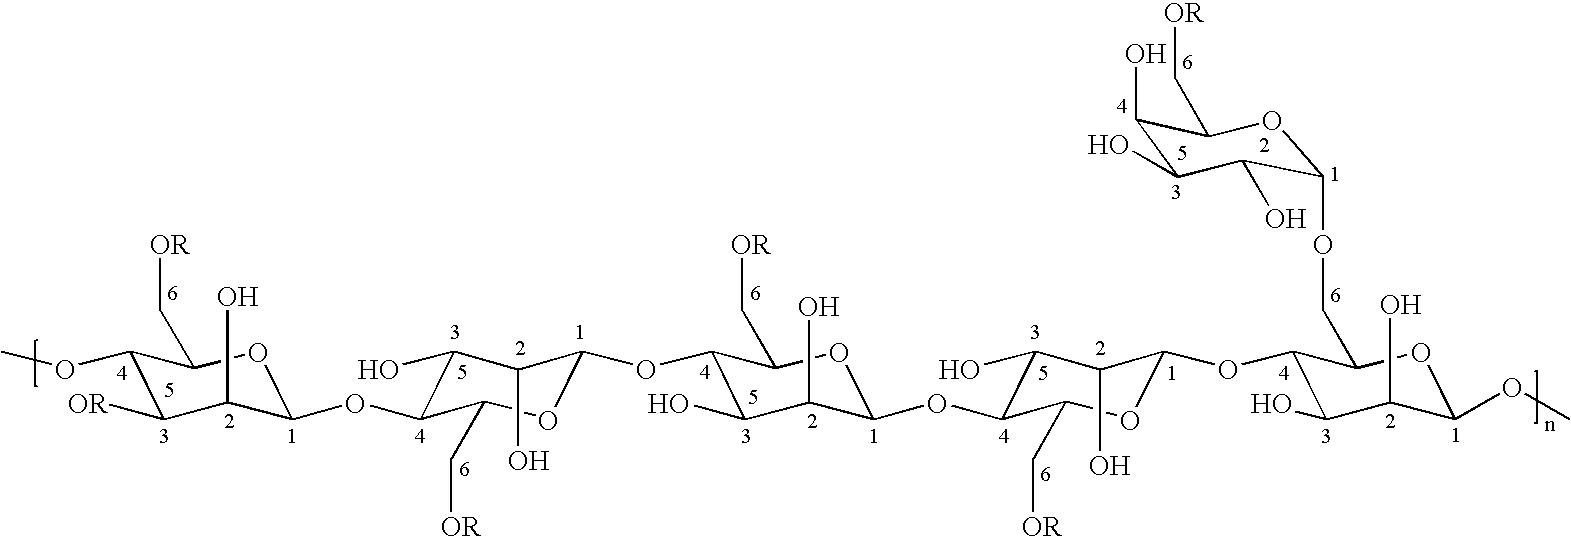 Figure US20090010855A1-20090108-C00007